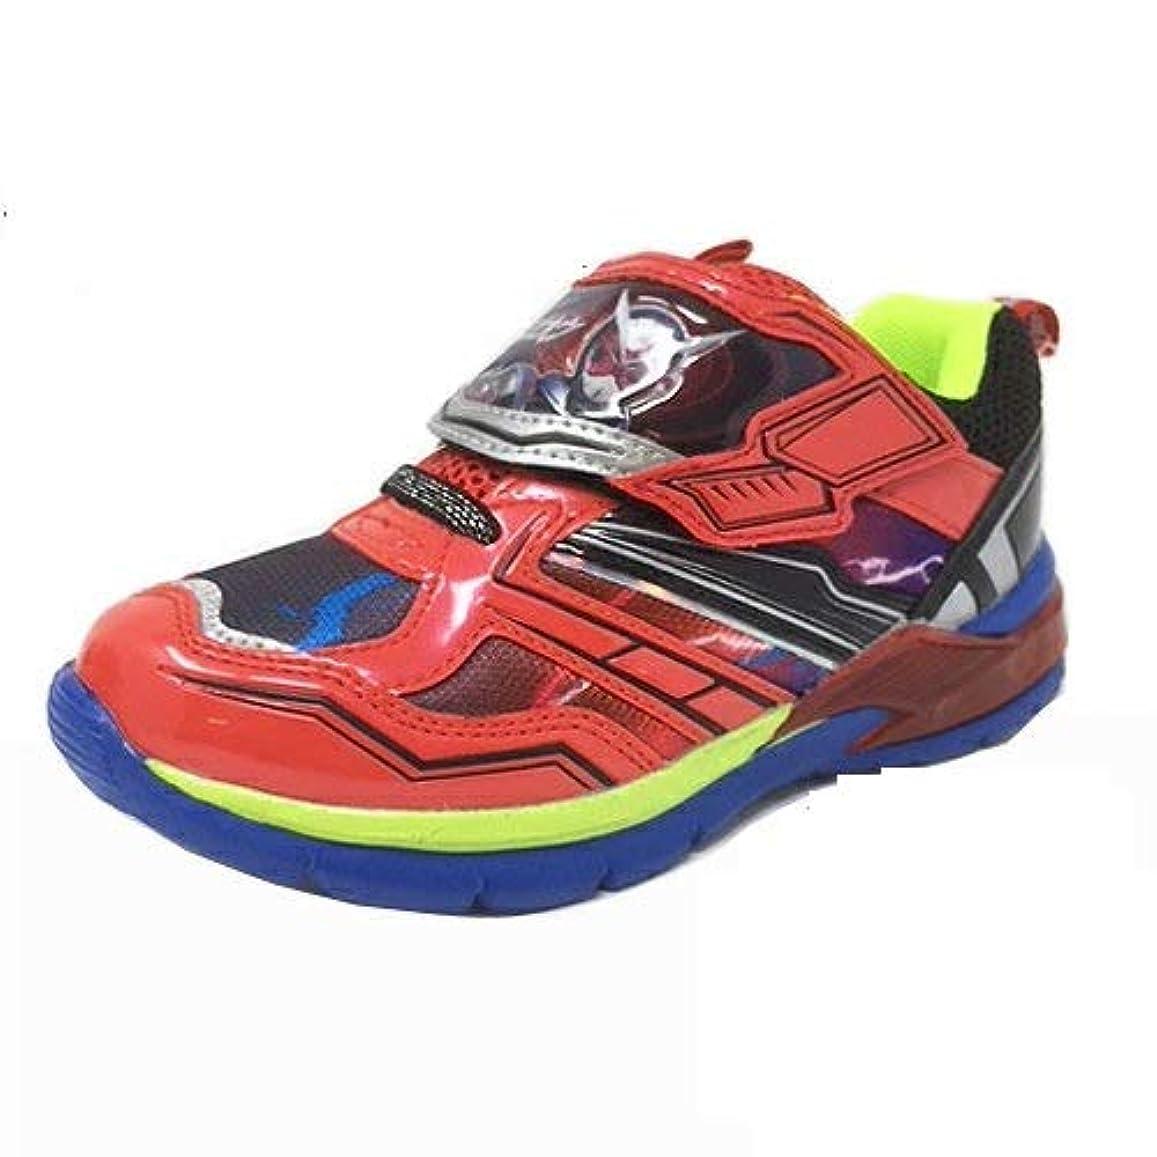 大型トラック恋人輝度[コマリョー] 9053 仮面ライダージオウ 光る キッズ スニーカー ライティング 仮面ライダー ライダー ジオウ 靴 運動靴 くつ